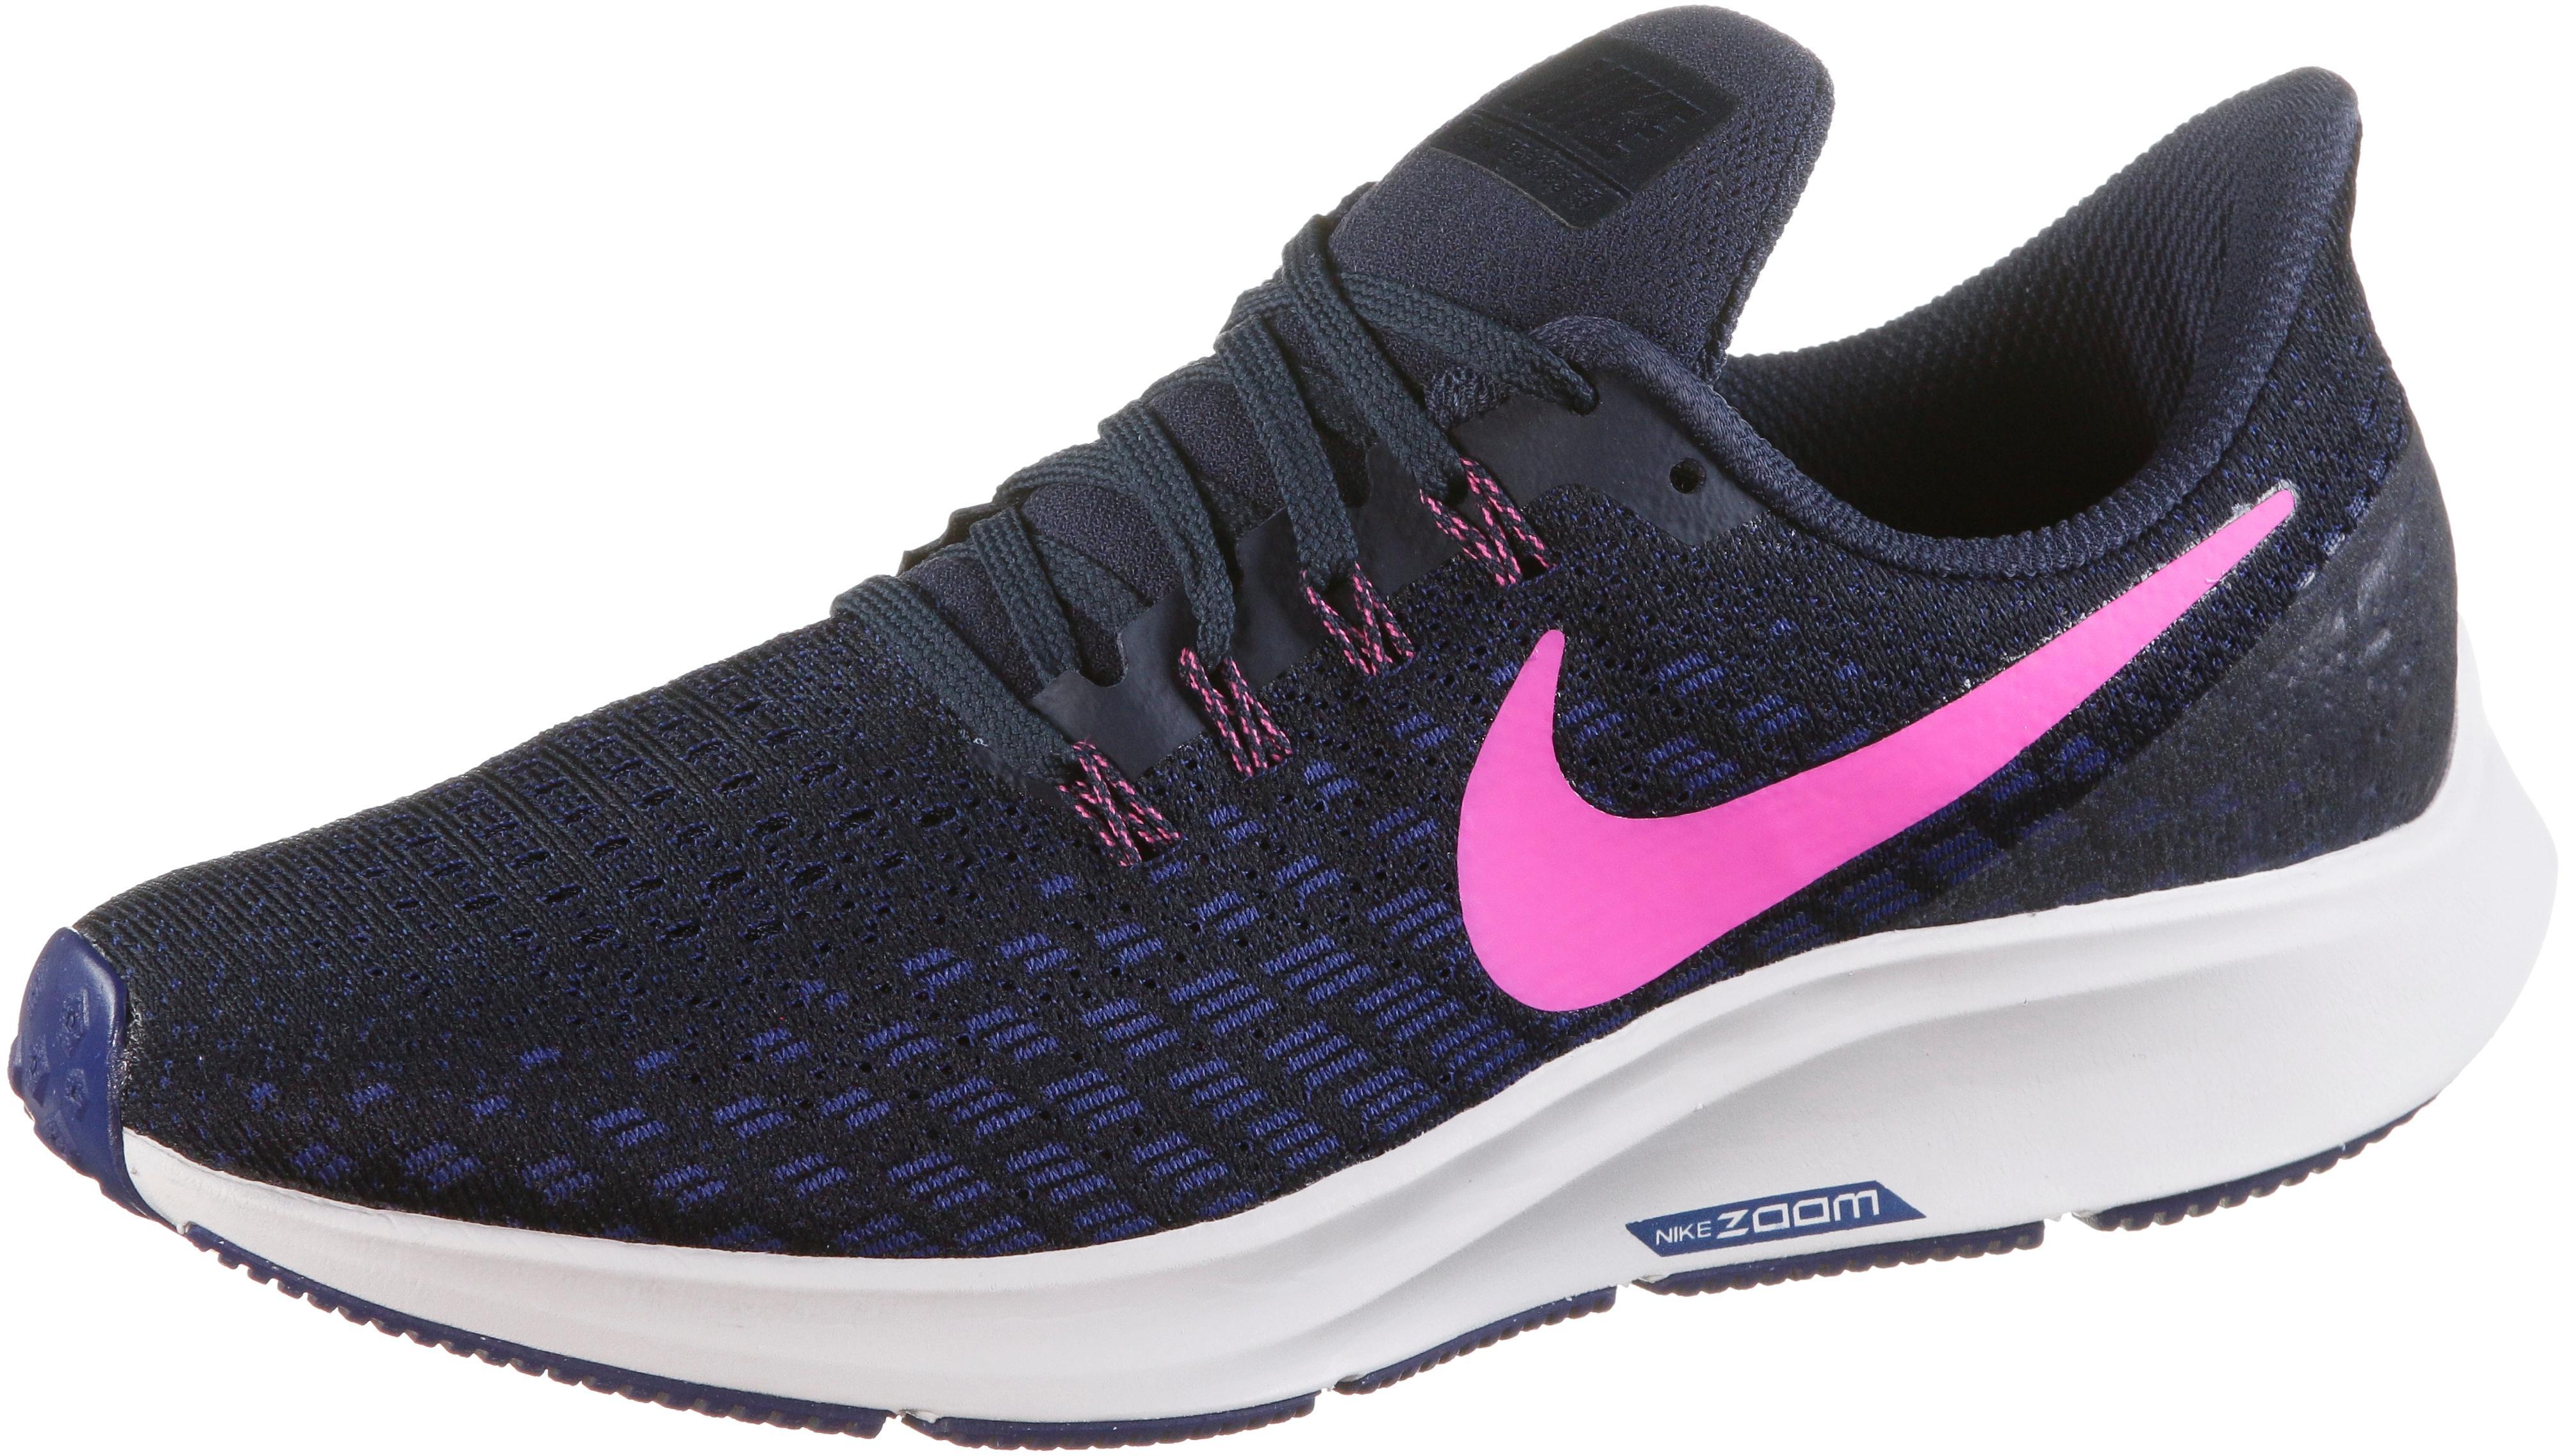 Nike schuhe fur frauen auf rechnung